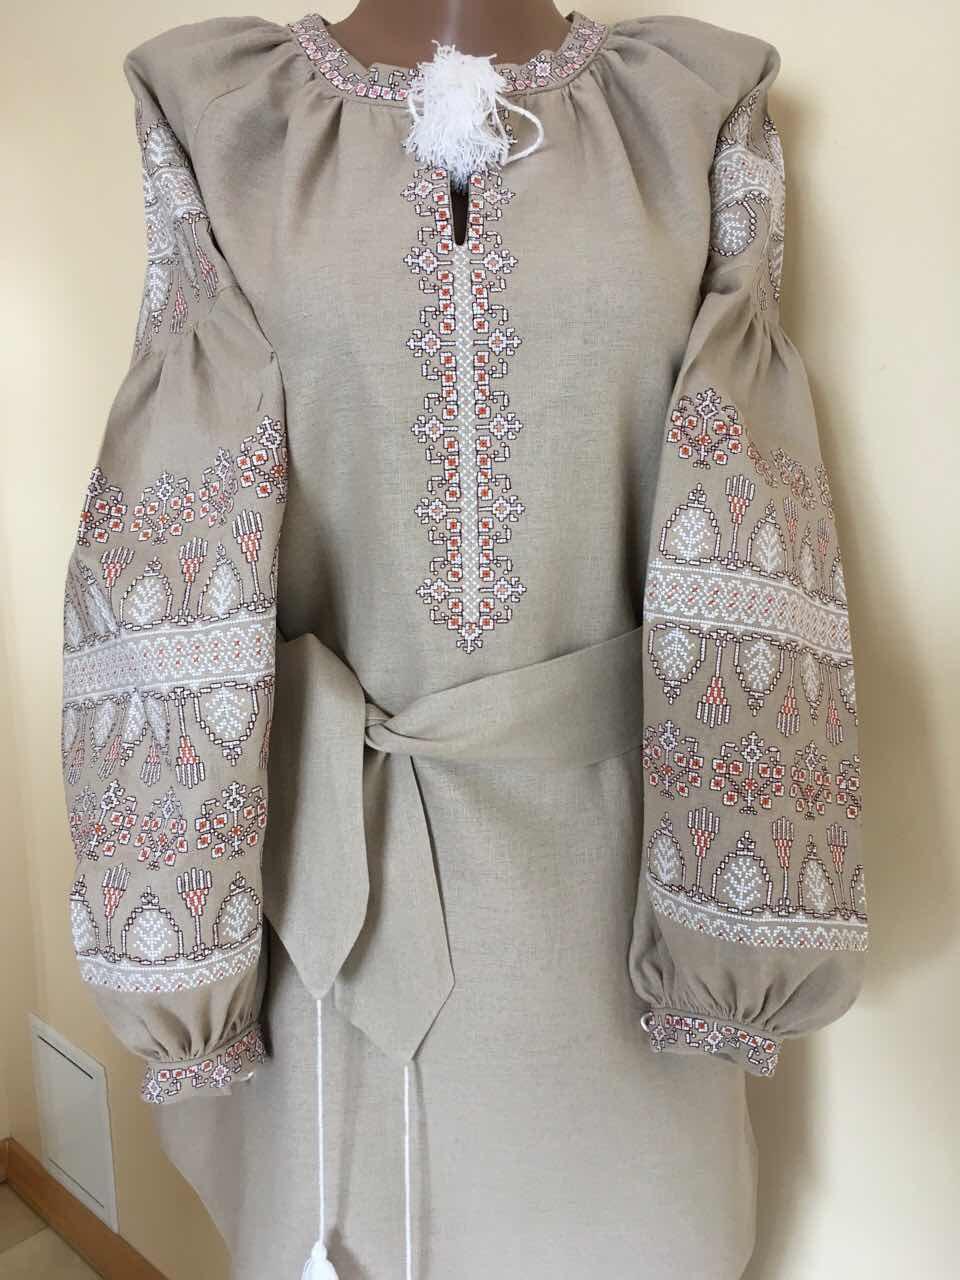 Жіноча вишиванка сукня в стилі Бохо 50 розмір  продажа d47461e7f7cd5